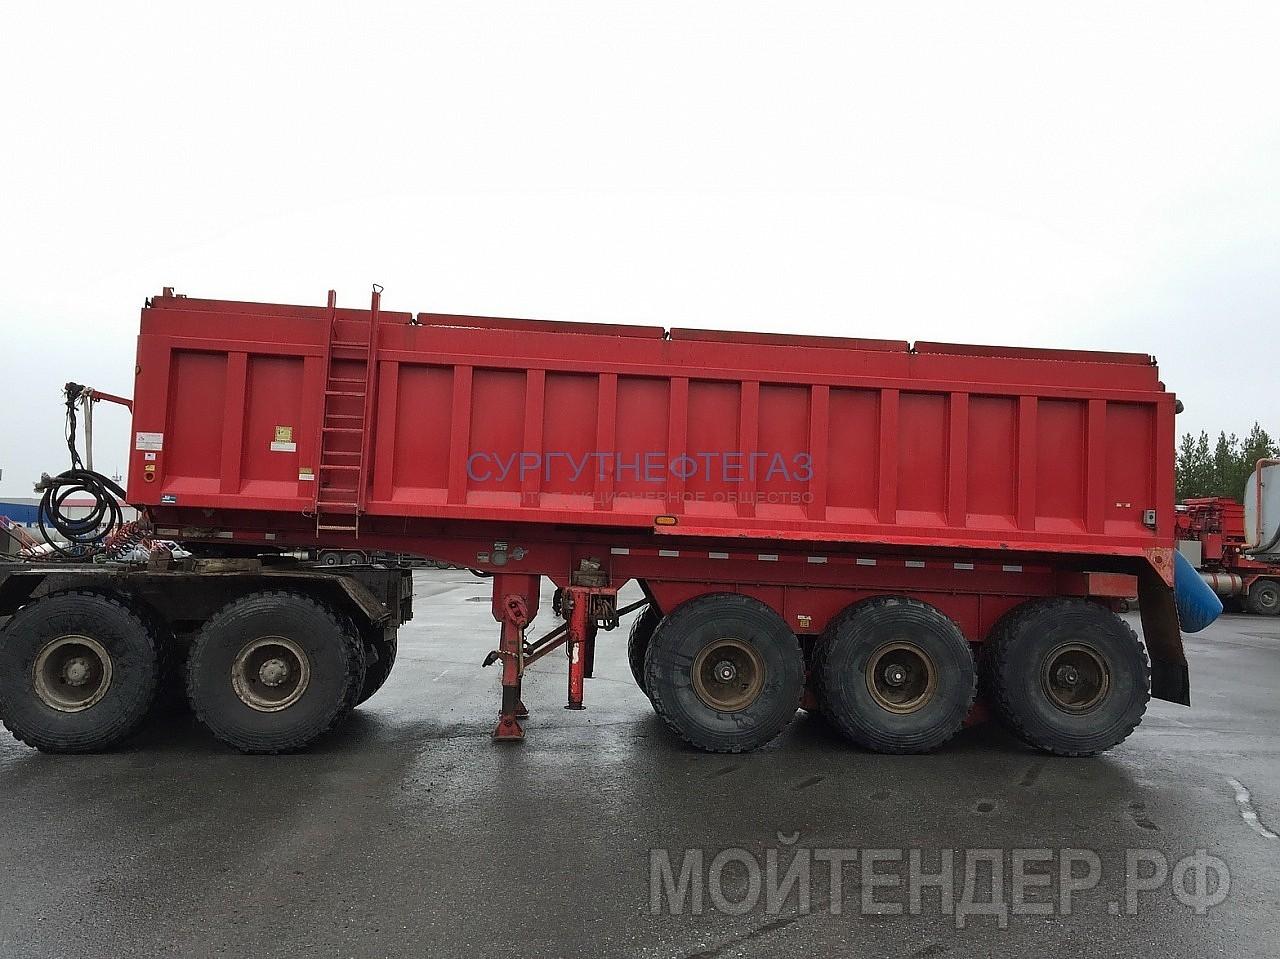 Мойтендер.рф-1855-77-11513: Фото 1